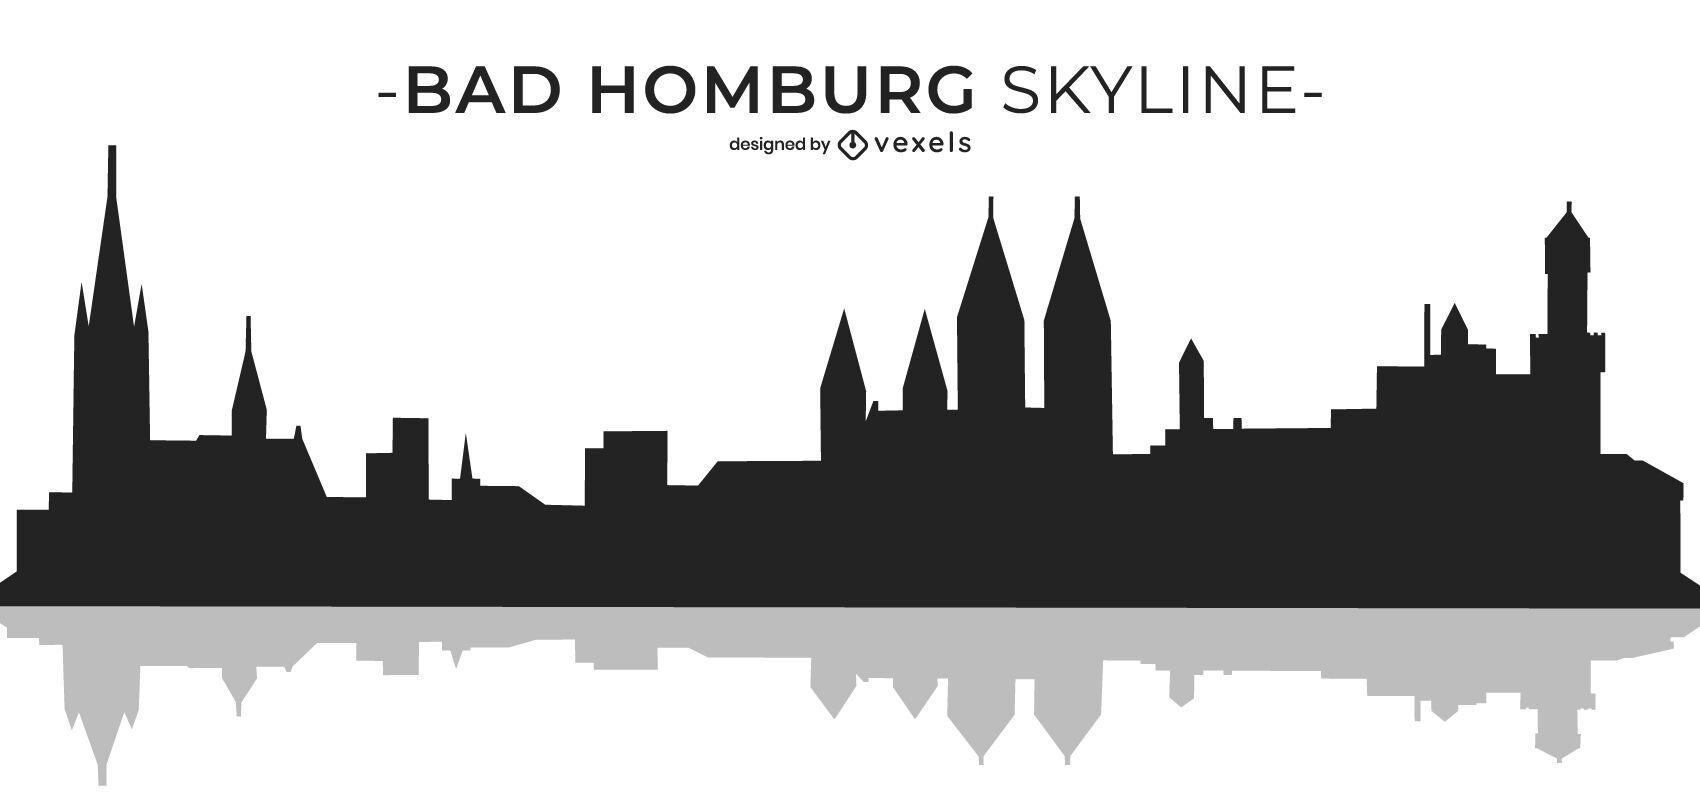 Diseño del horizonte de Bad Homburg